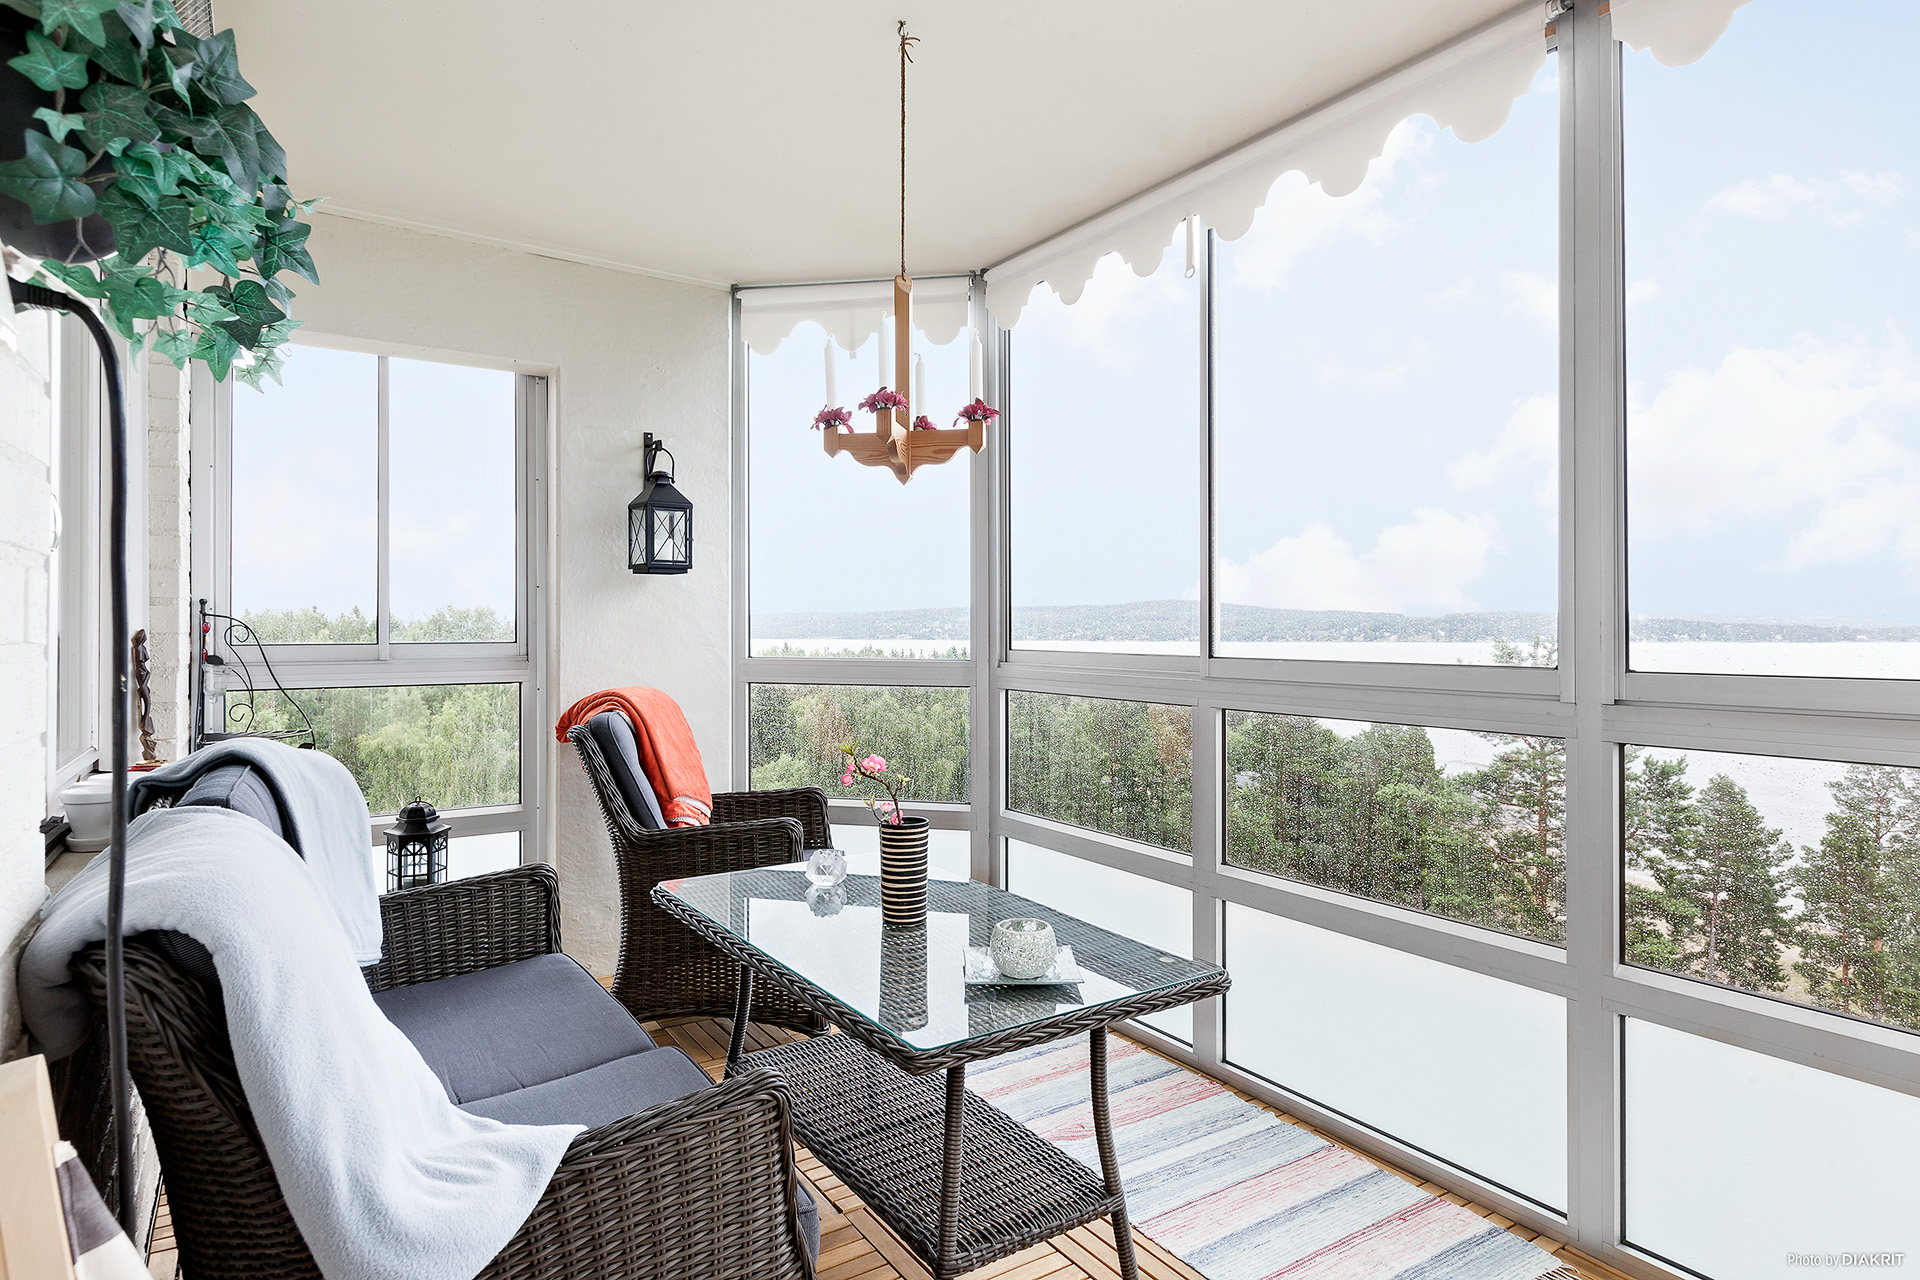 Stor inglasad balkong med utsikt mot havet och sandstranden